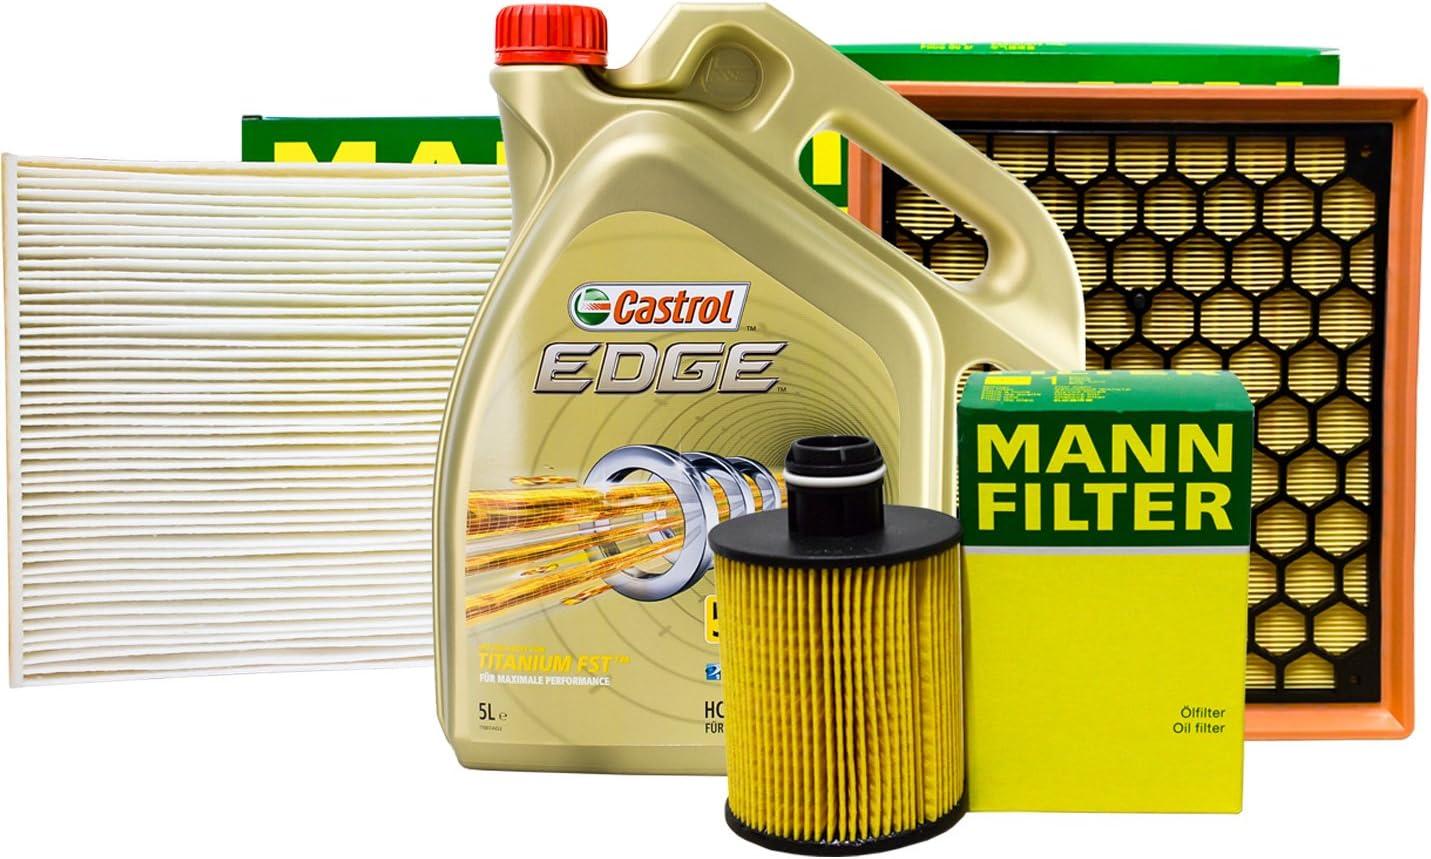 Mann Filter Set Inspektionspaket 5l Castrol 5w 30 Auto